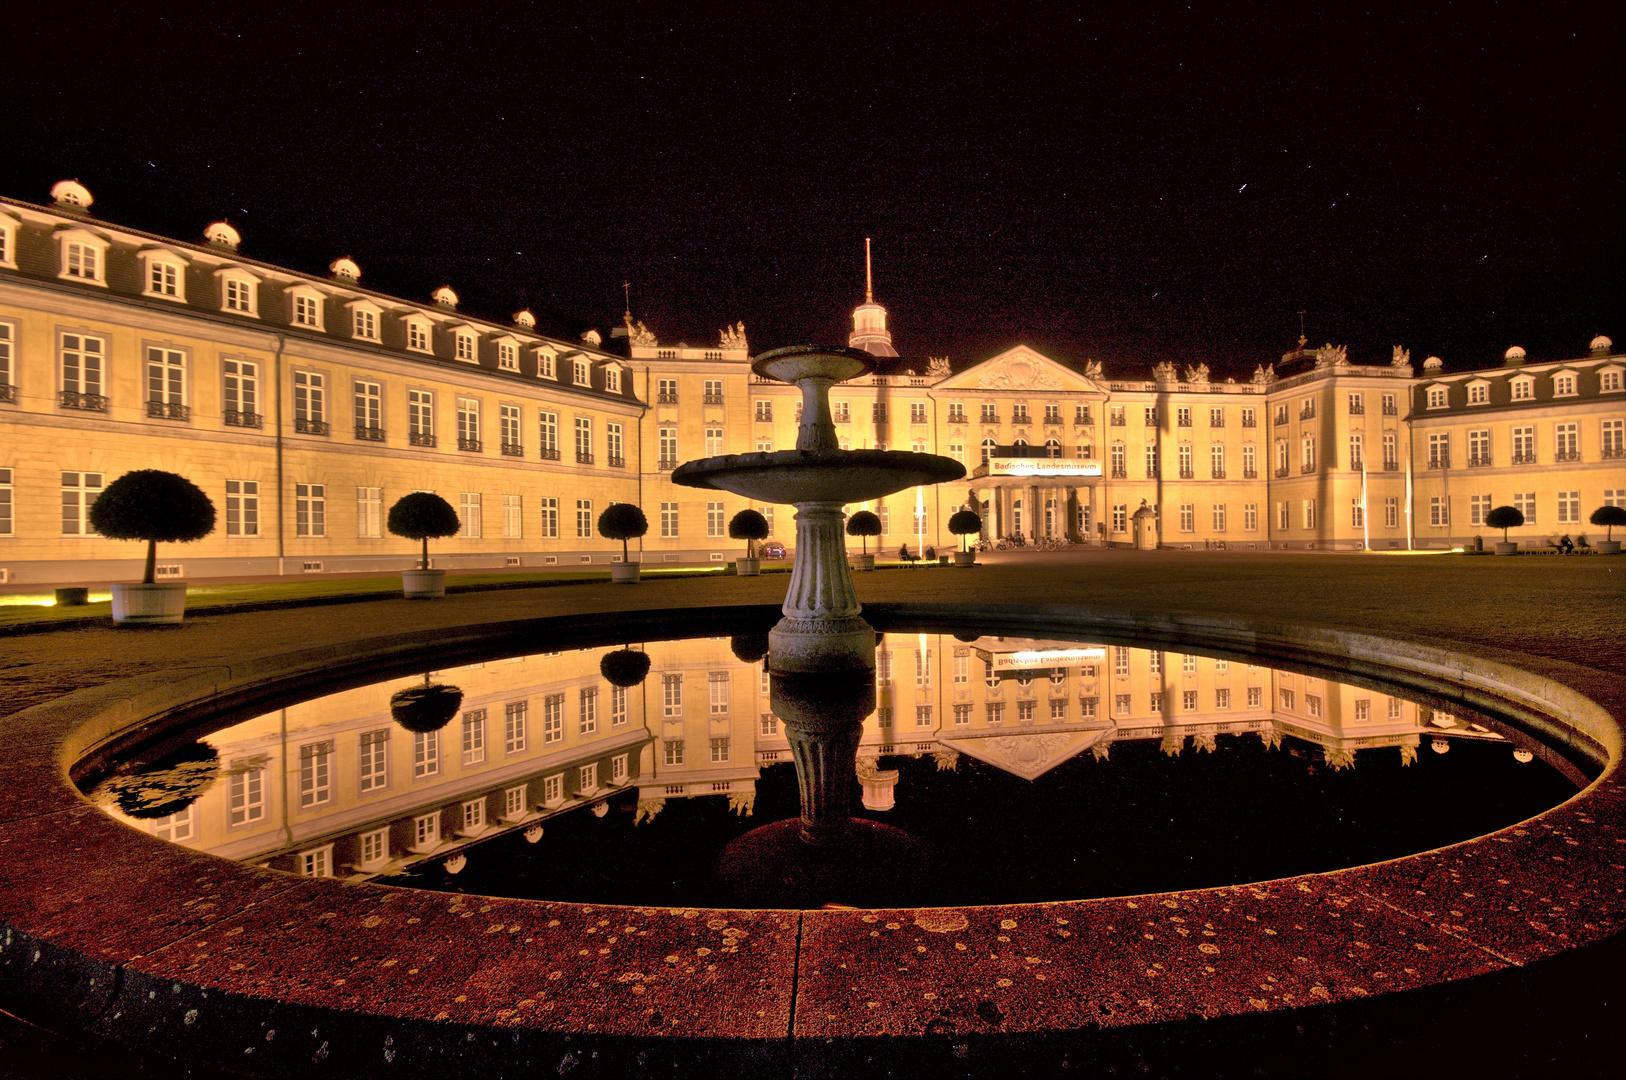 Karlsruher Schloss am Abend